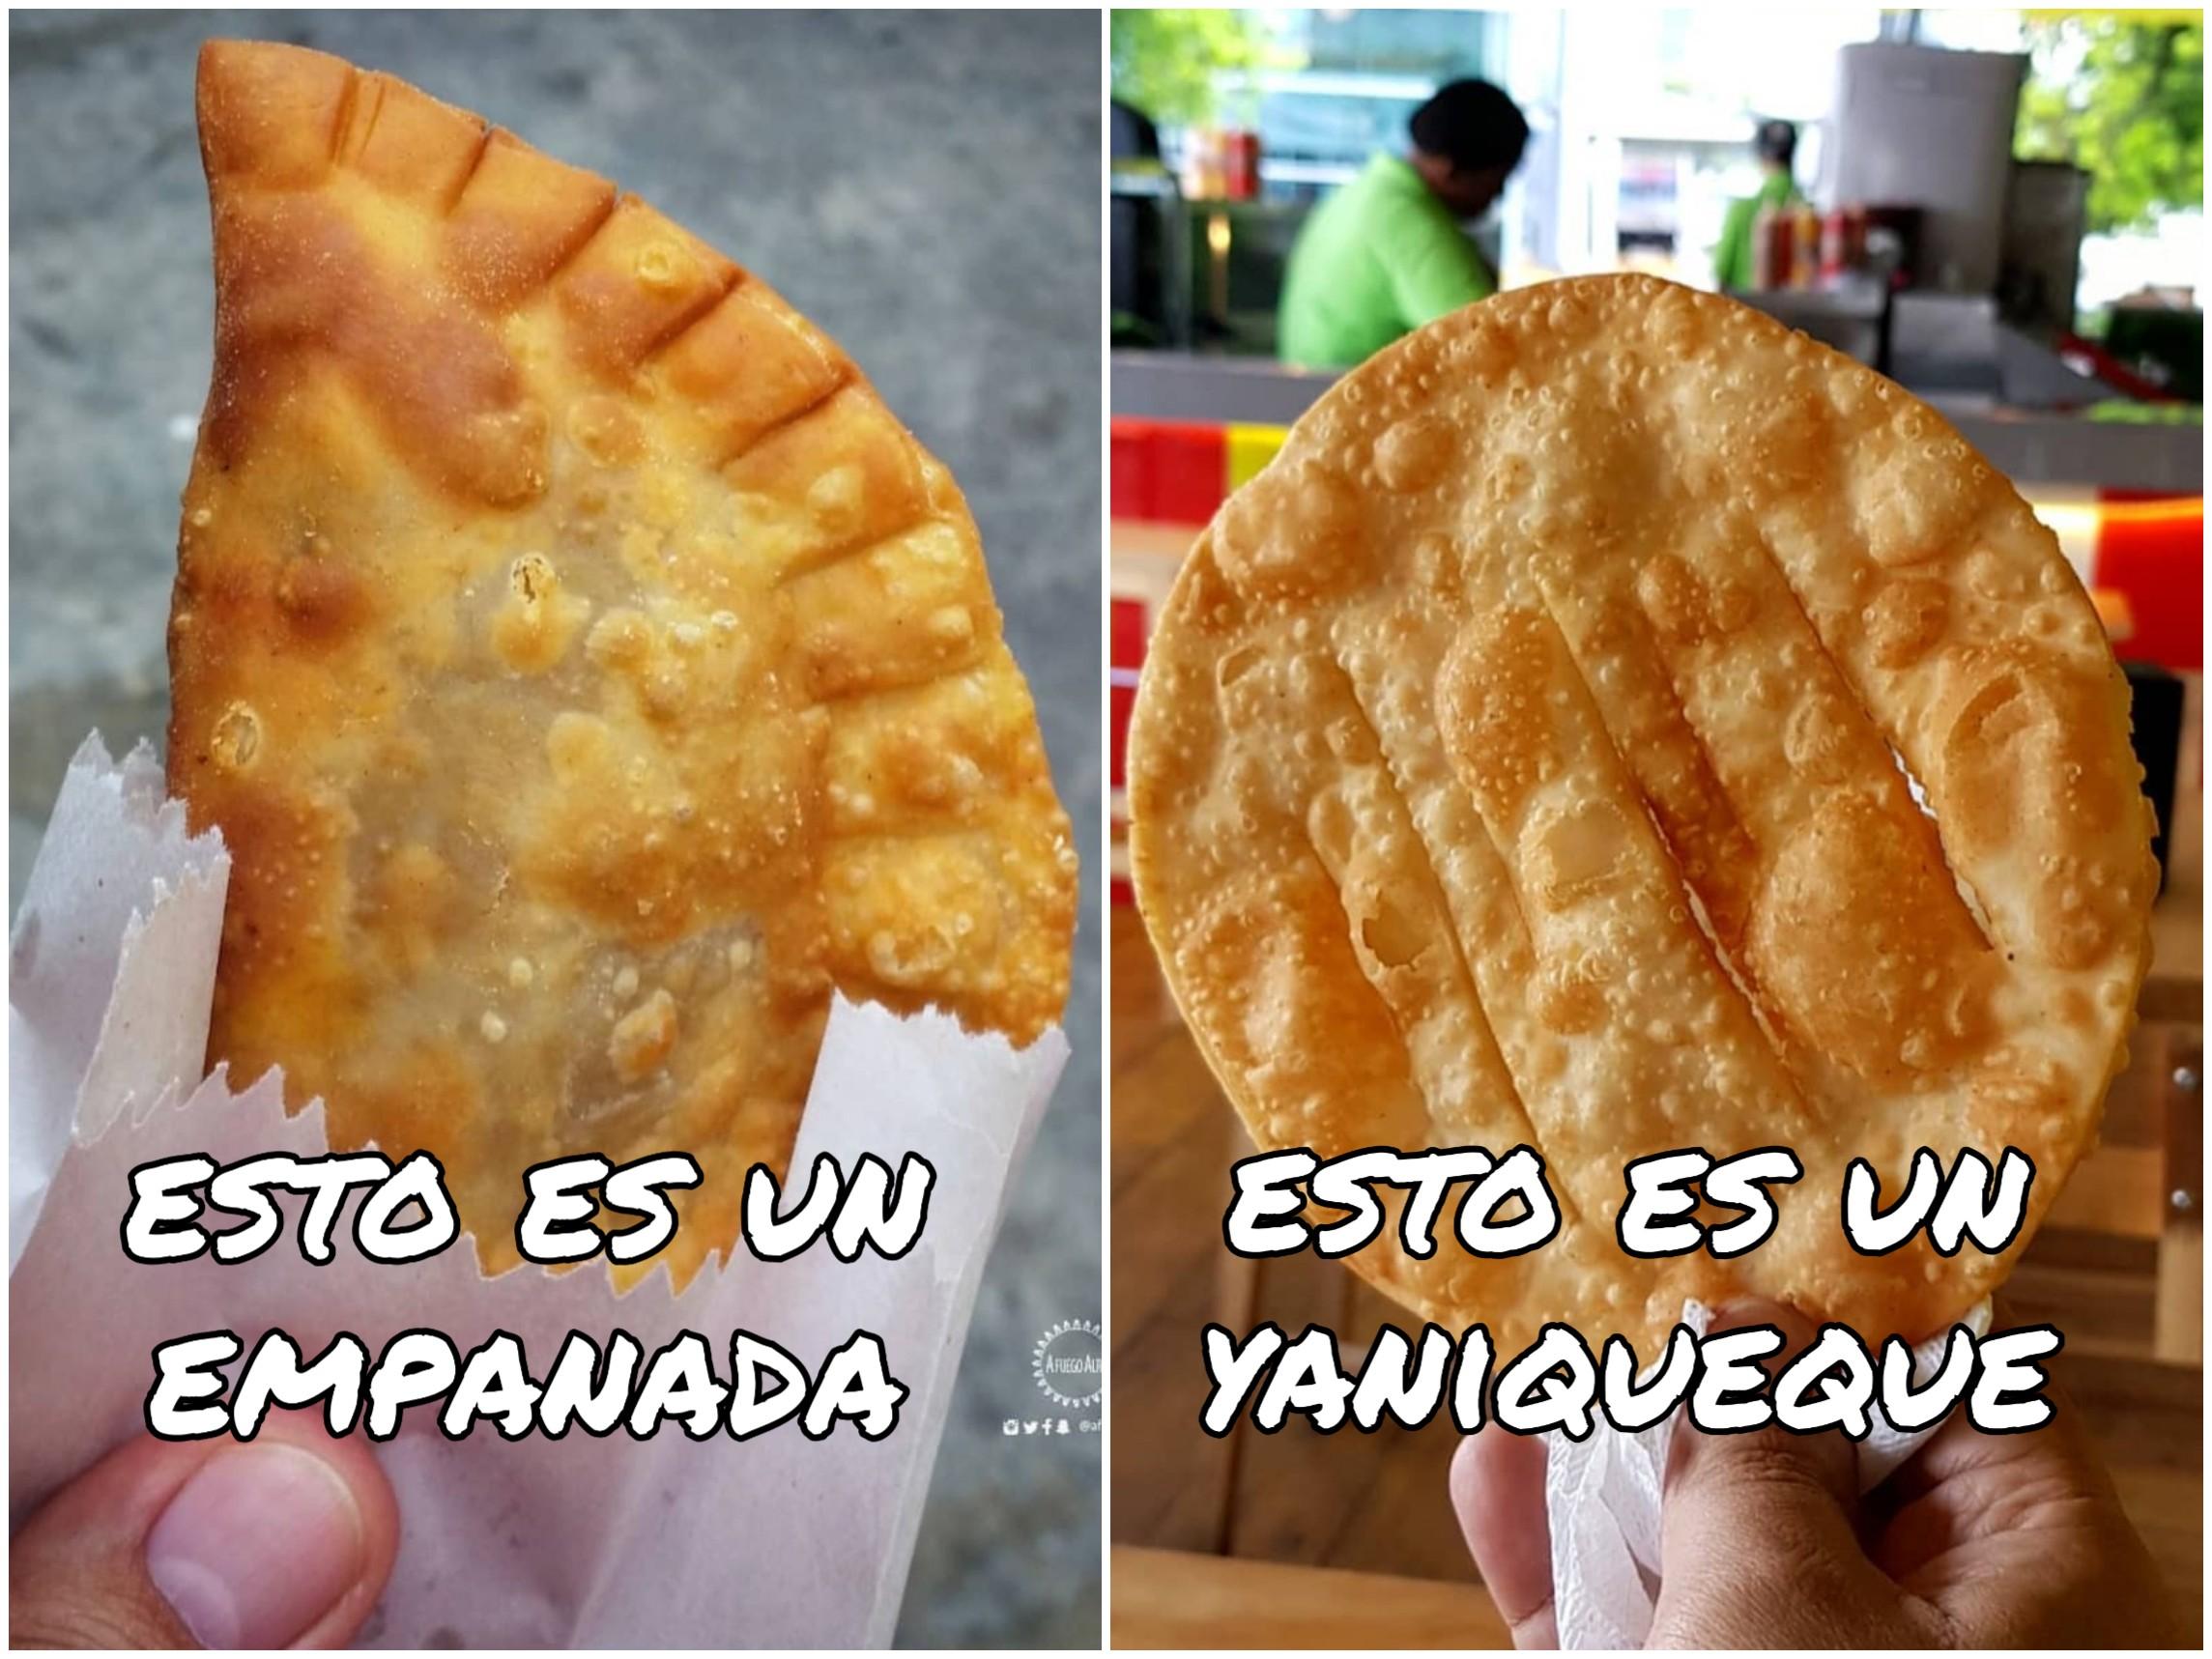 Emapanada vs Yaniqueque